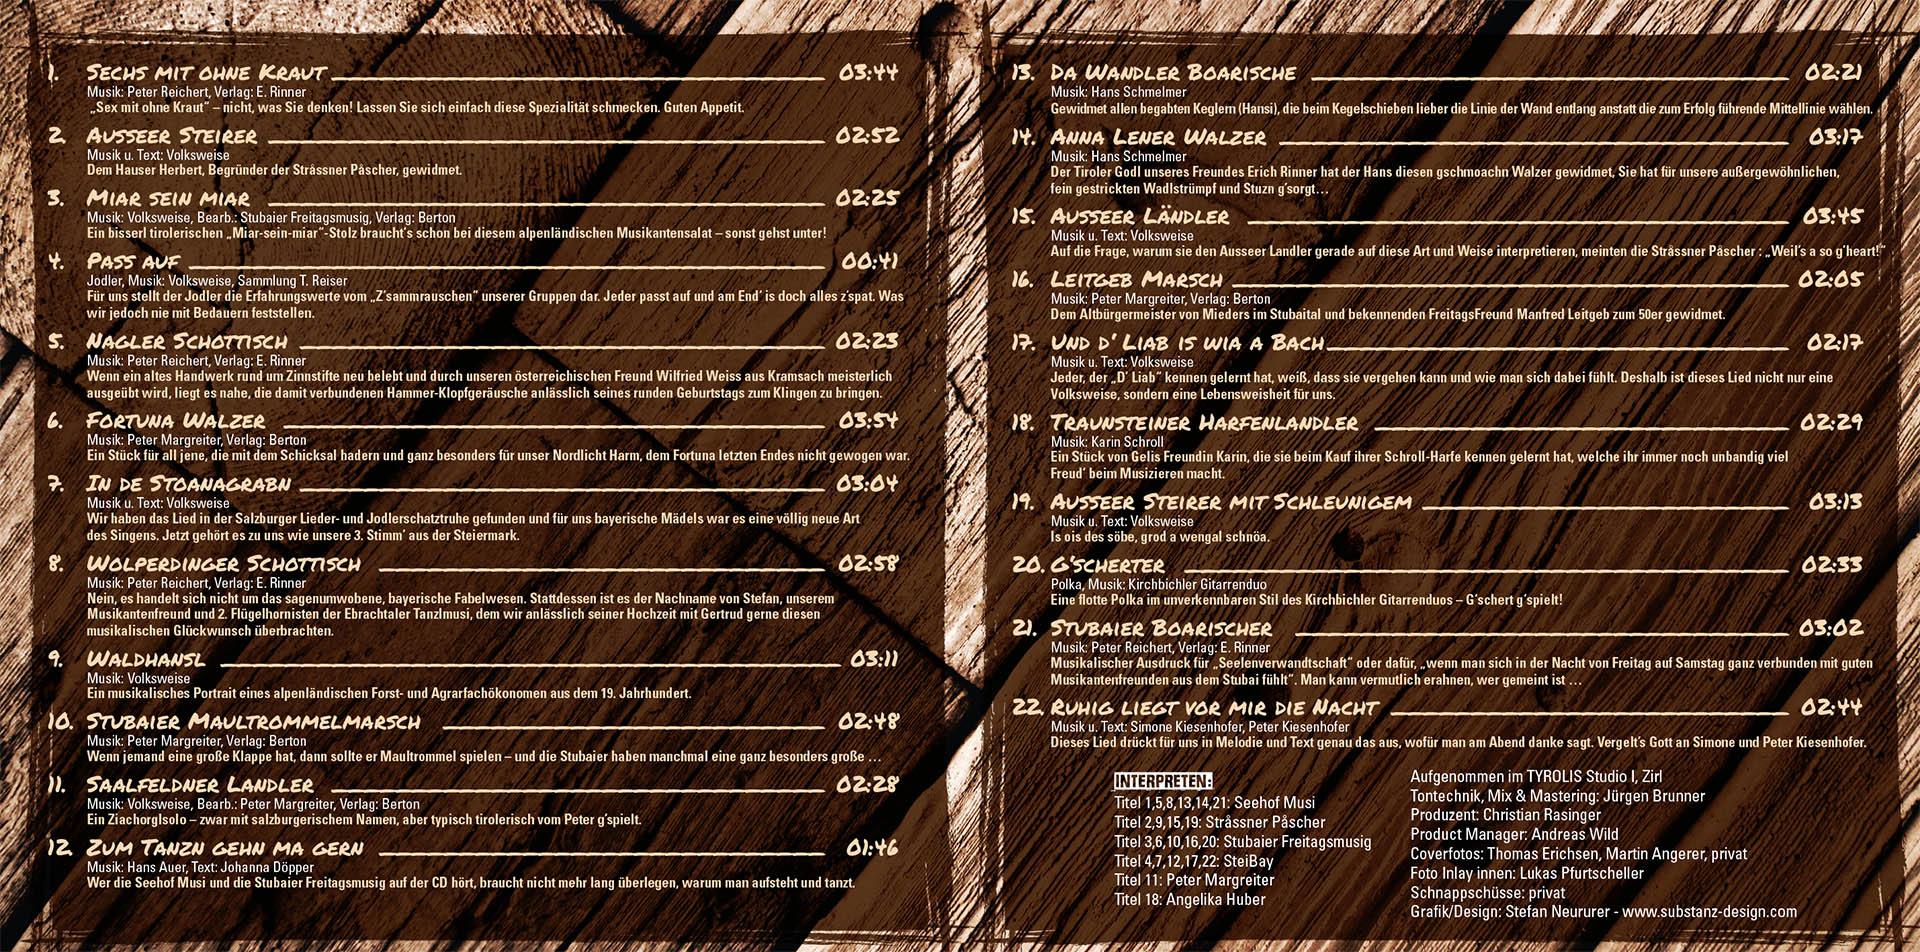 Booklet Z'sammg'rauscht